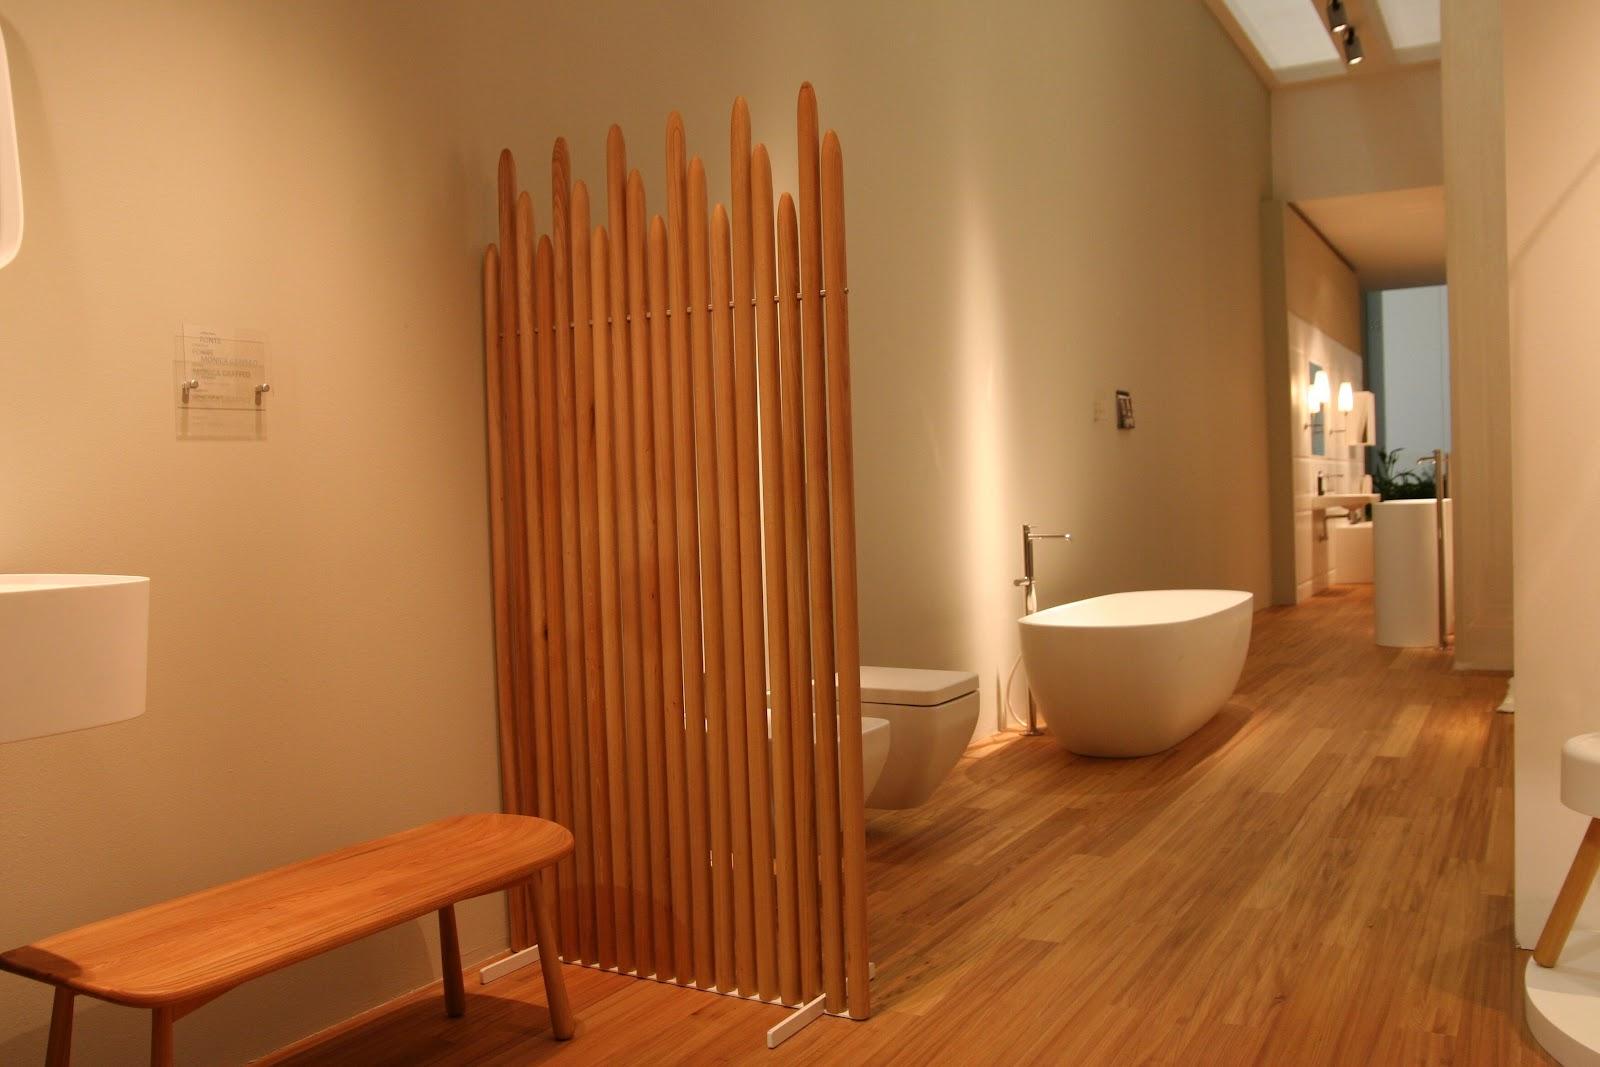 badblog mailand 2012 1. Black Bedroom Furniture Sets. Home Design Ideas